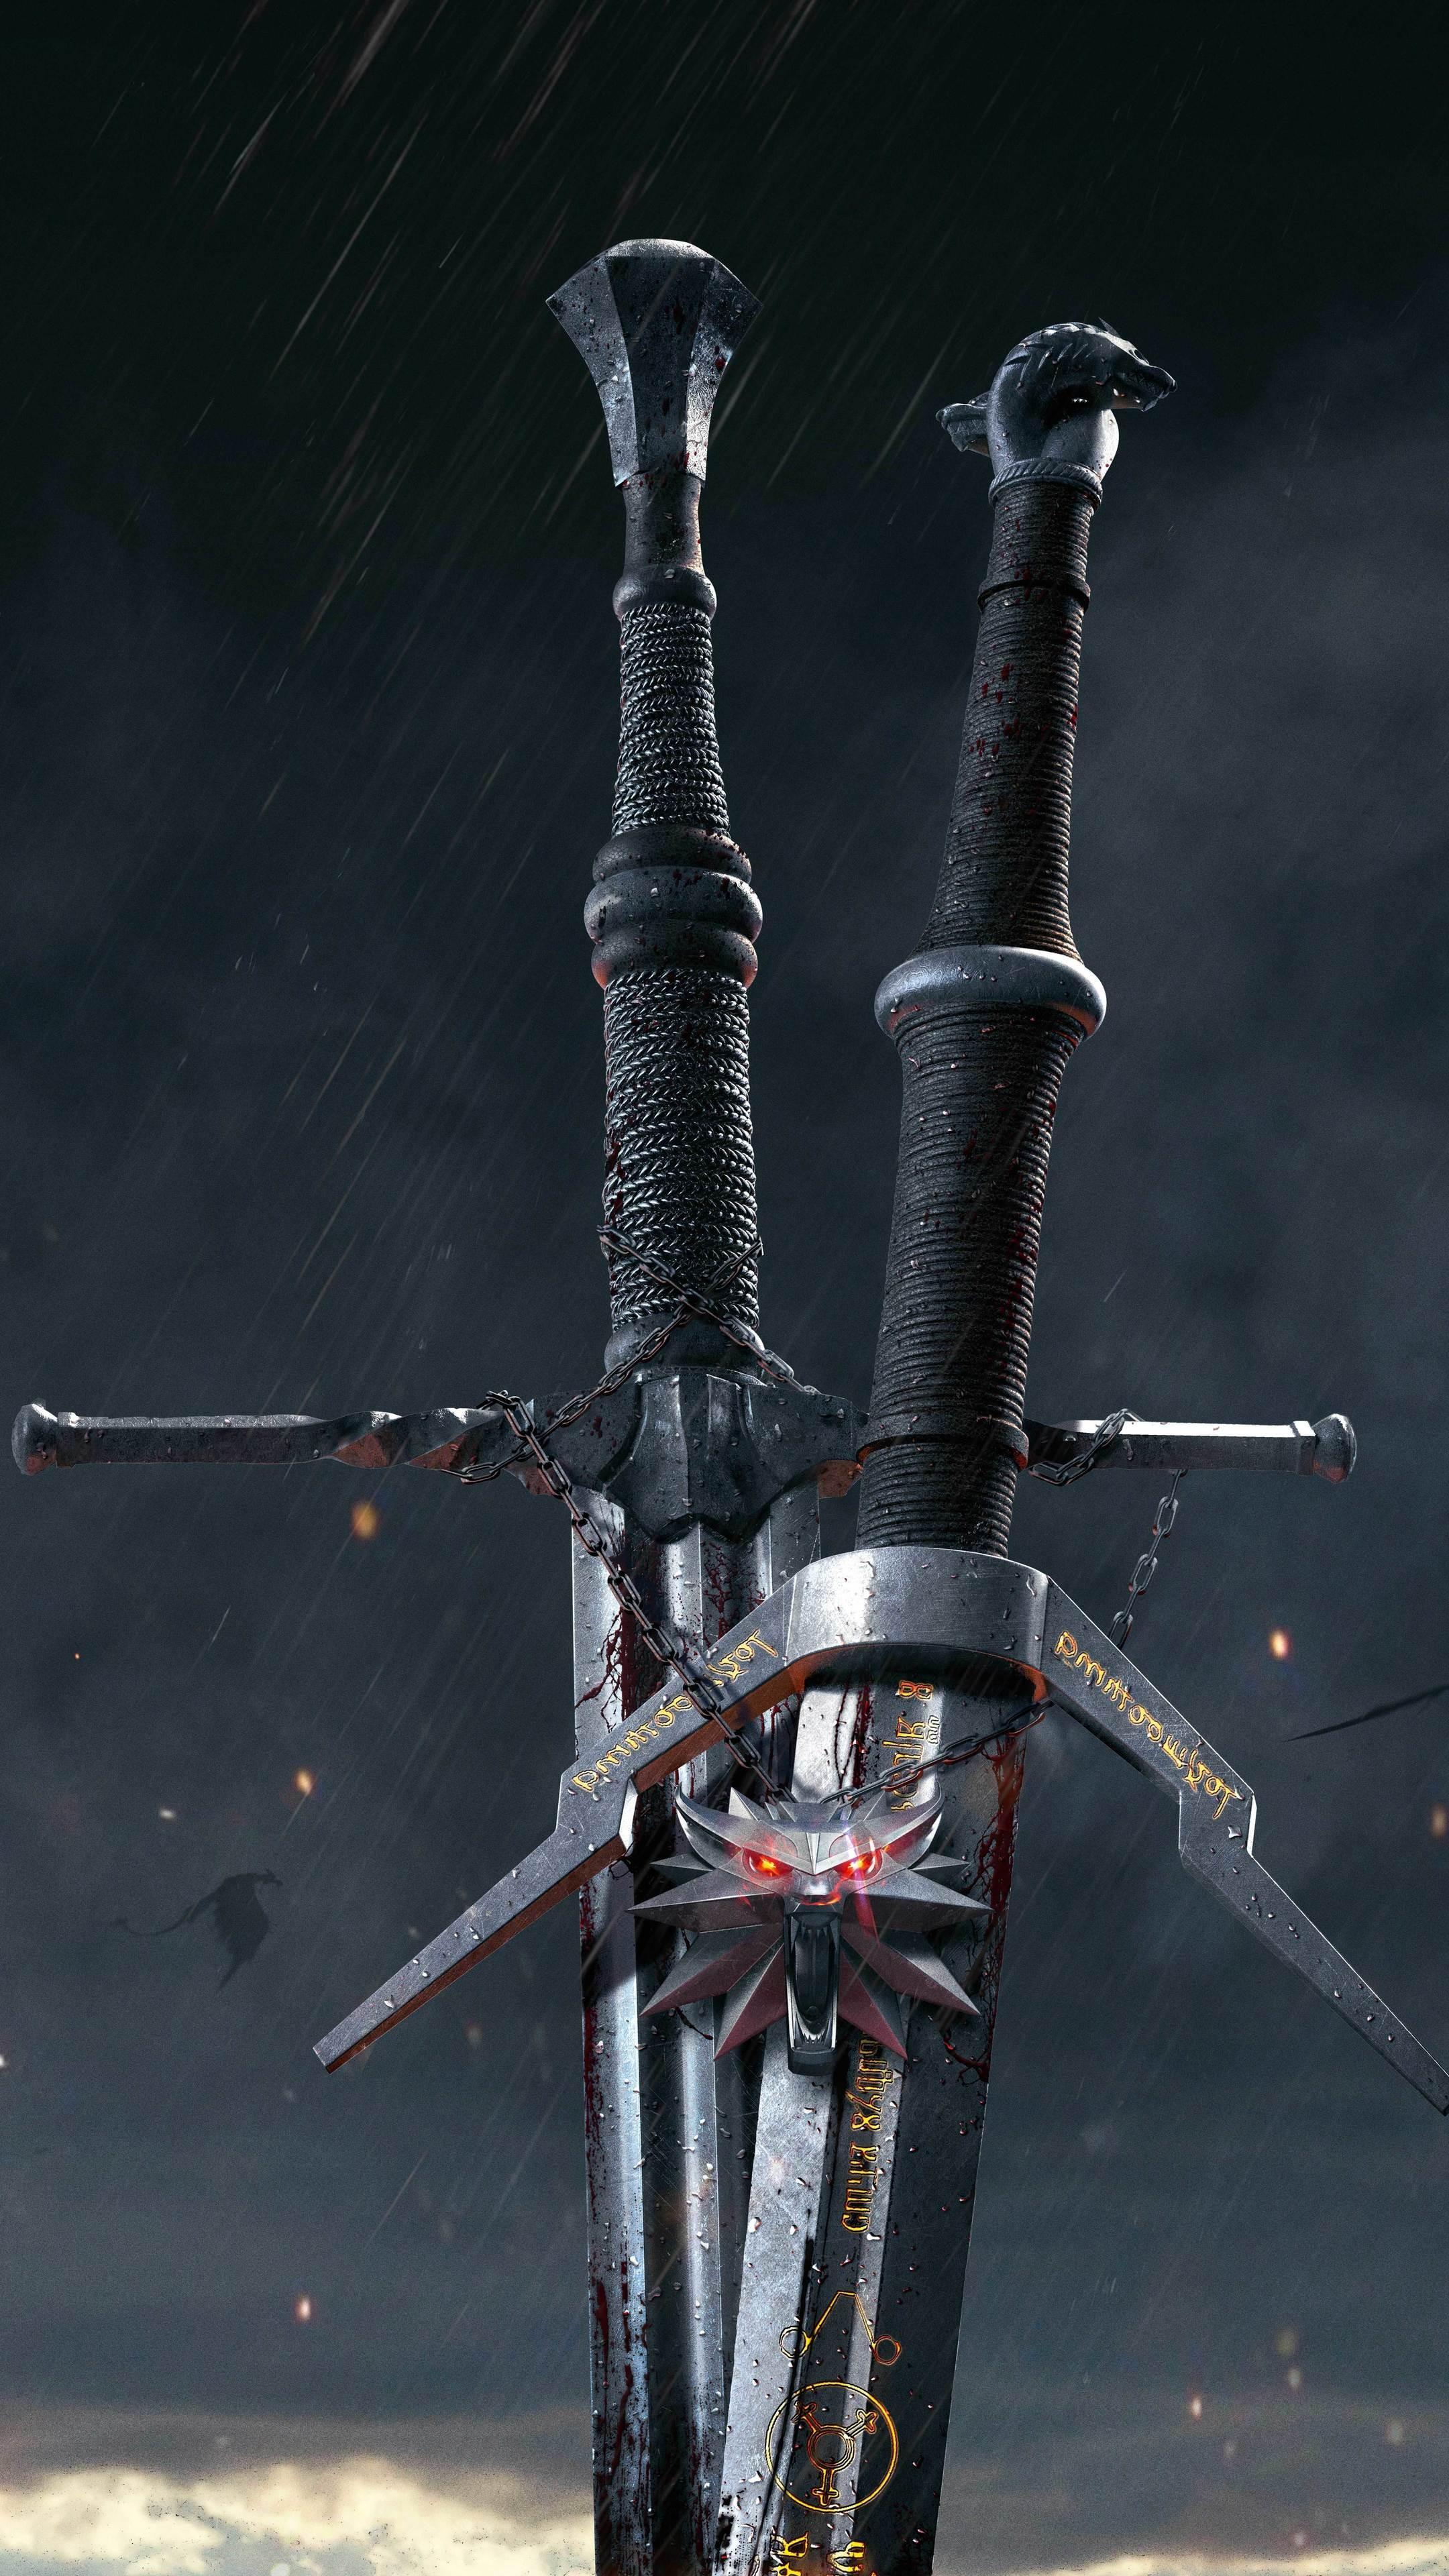 The witcher 3 wild hunt sword 10k qg wallpaper 2160x3840 voltagebd Images